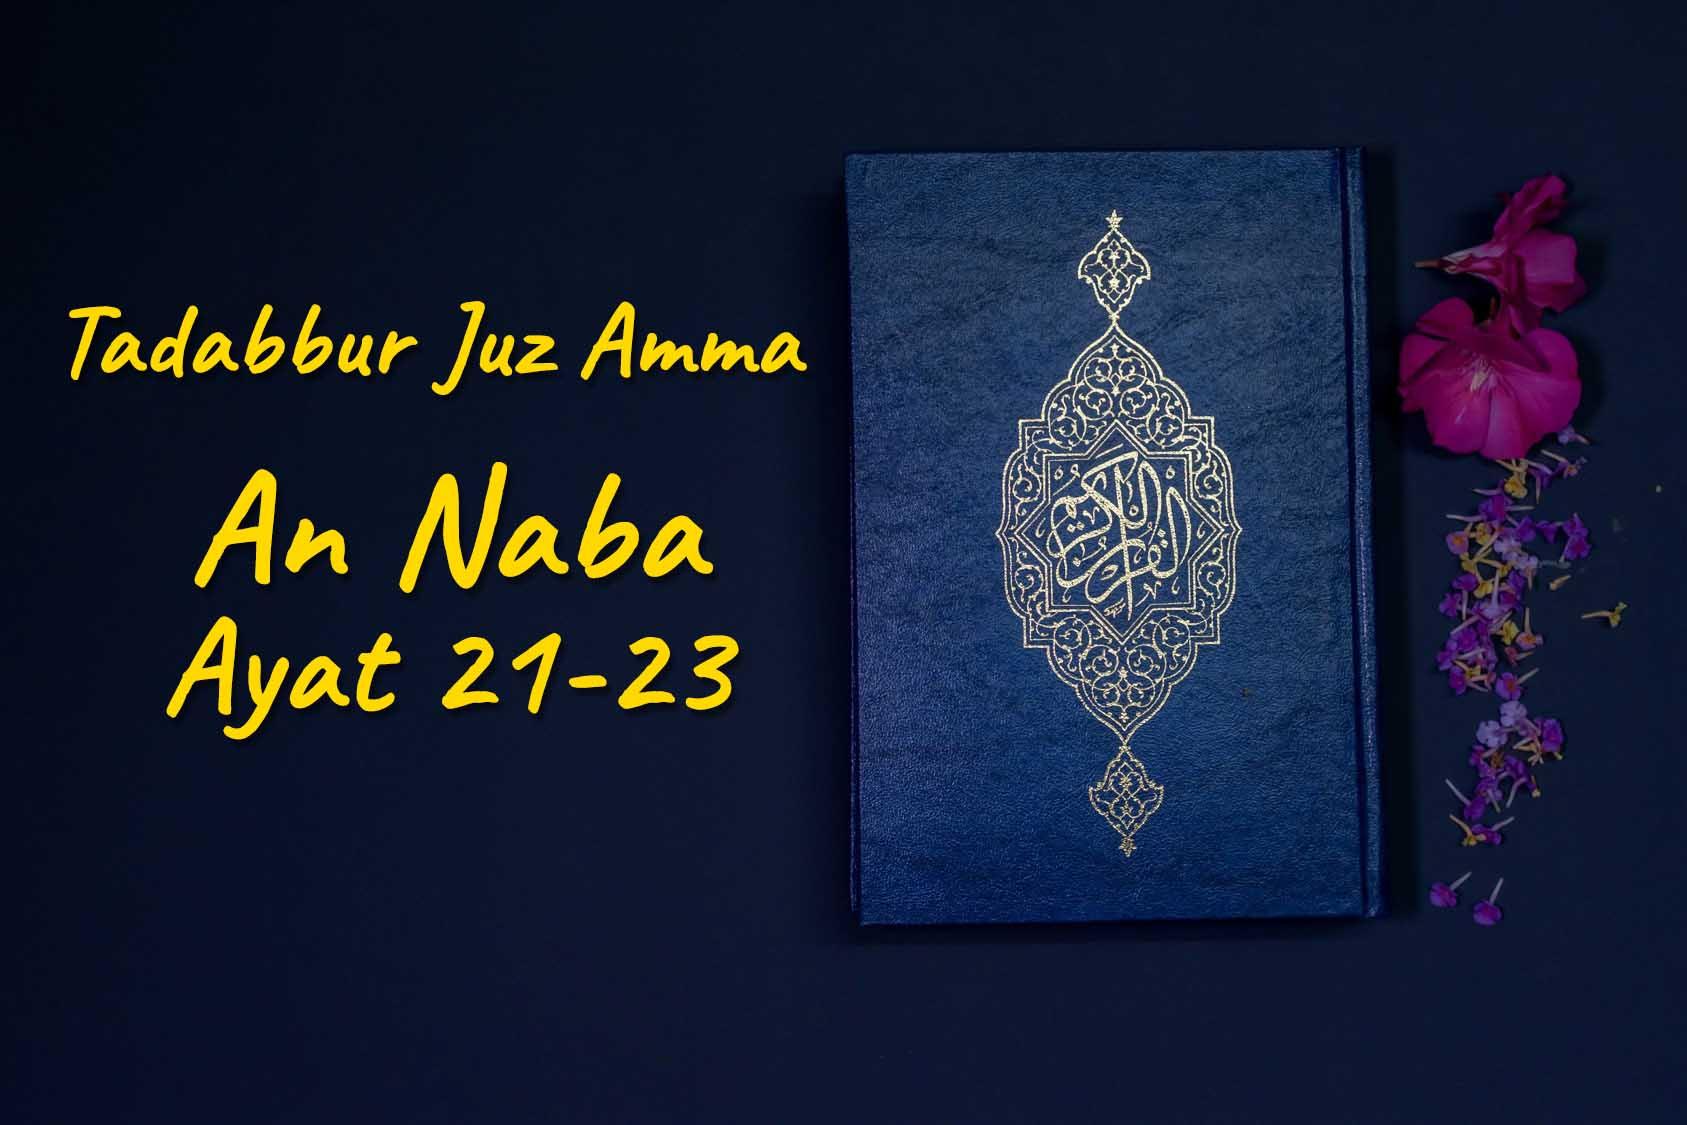 Tadabbur Juz Amma: Surah An Naba ayat 21-23